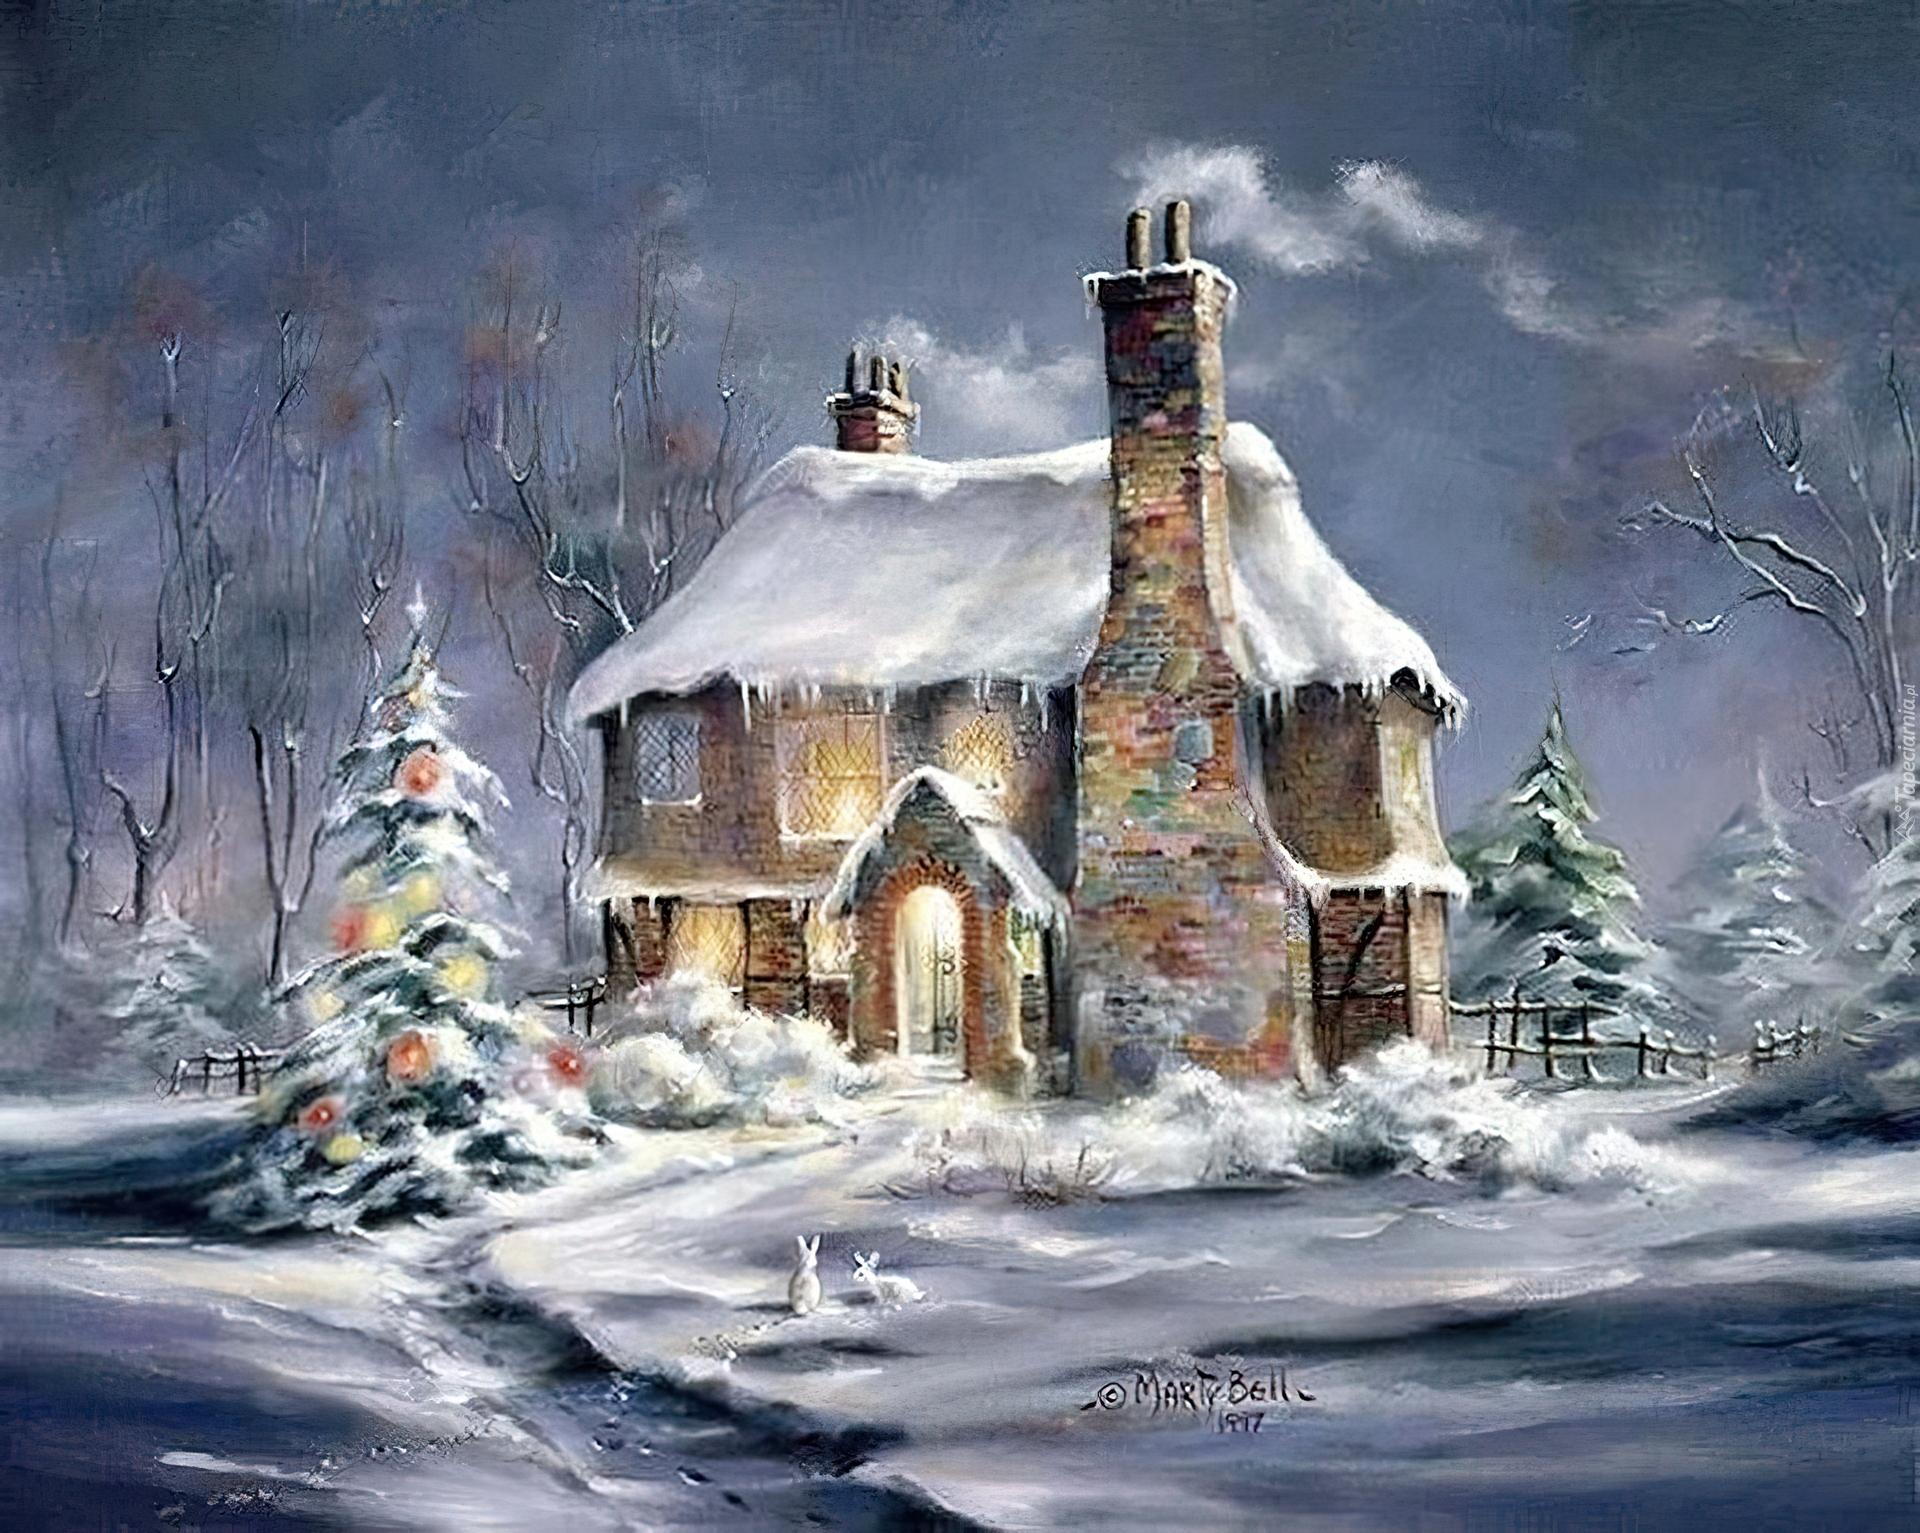 http://www.tapeciarnia.pl/tapety/normalne/154794_dom_choinka_zima_boze_narodzenie_malarstwo.jpg